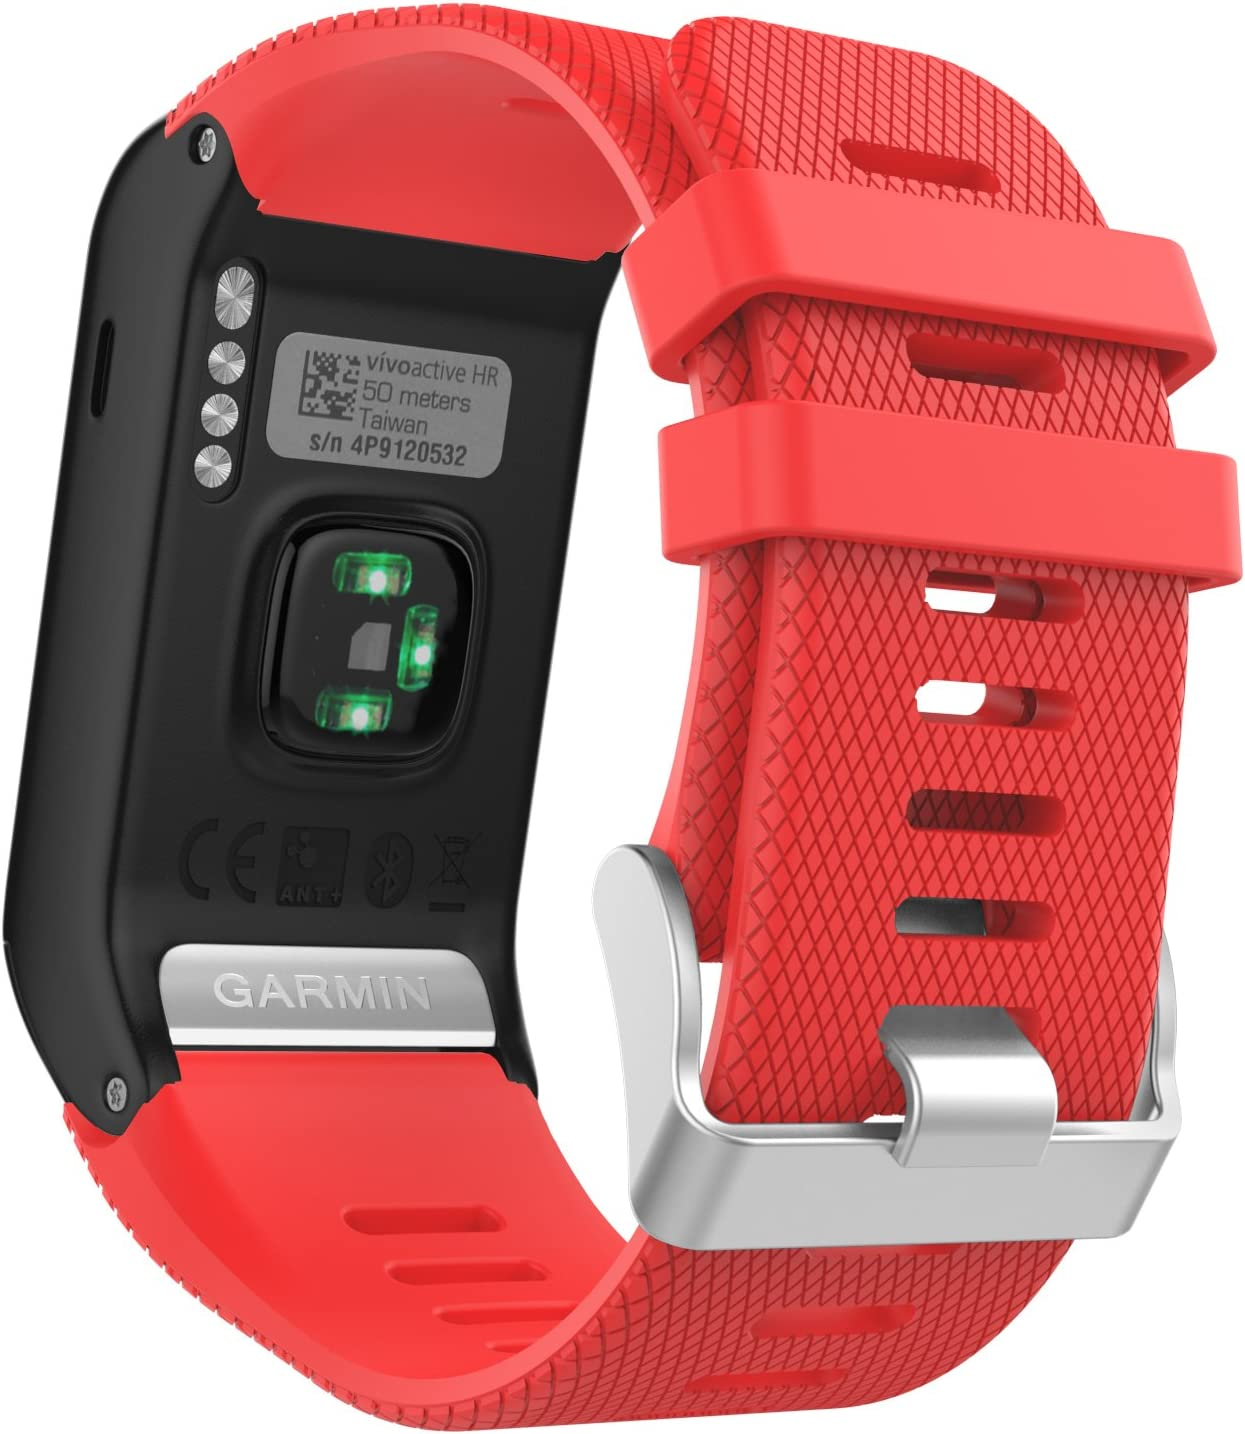 MoKo Garmin Vivoactive HR Correa de Reloj, Suave Silicona Reemplazo Watch Band para Garmin Vivoactive HR Deporte GPS Smart Watch con Pins y Herramientas Adaptador - Rojo